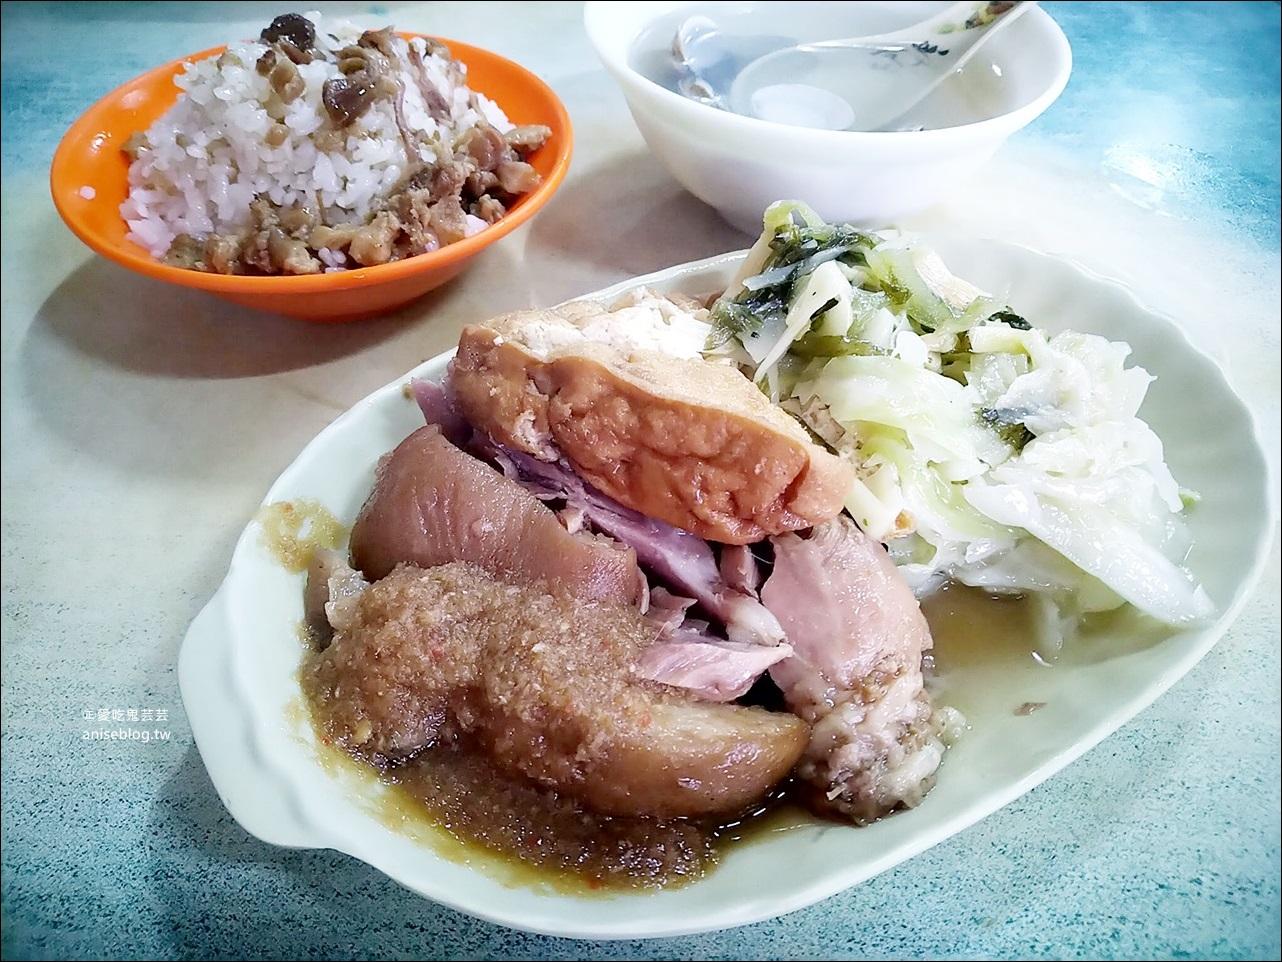 阿發豬腳,三重巷弄隱藏版平價小吃,捷運台北橋站美食(姊姊食記)